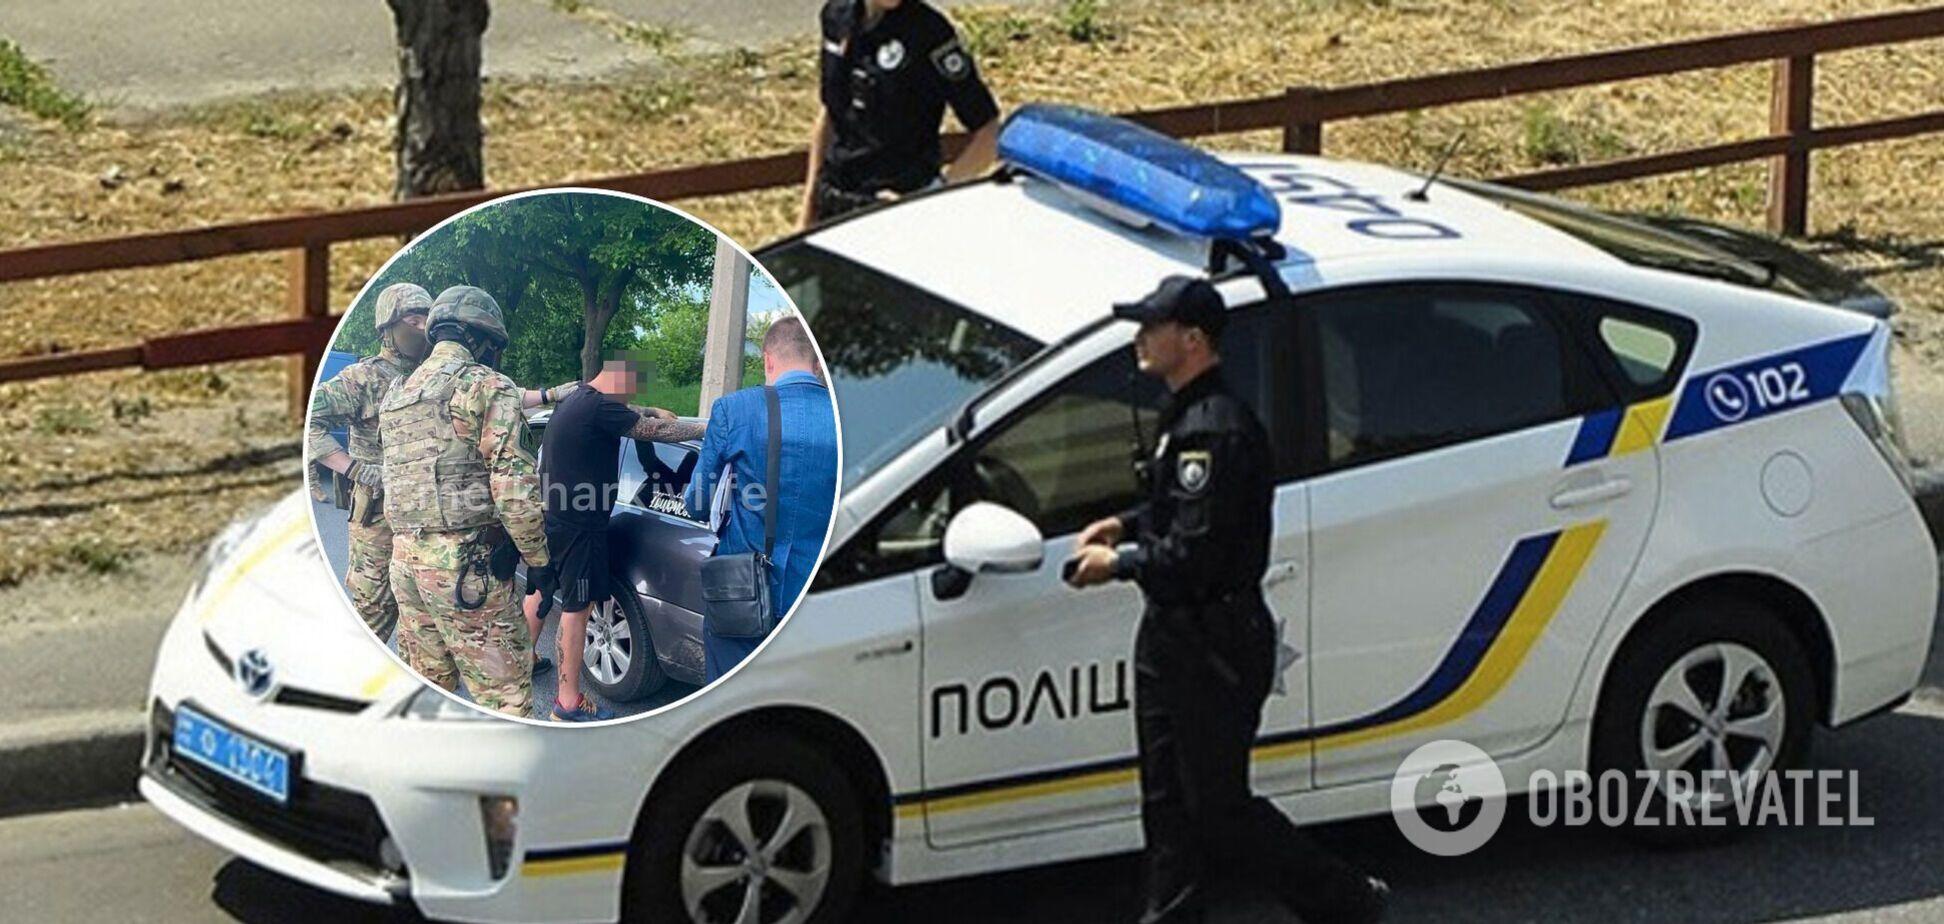 В Харькове спецназ задержал автоблогера Мистера Хама, который постоянно крыл матом патрульных. Видео 18+